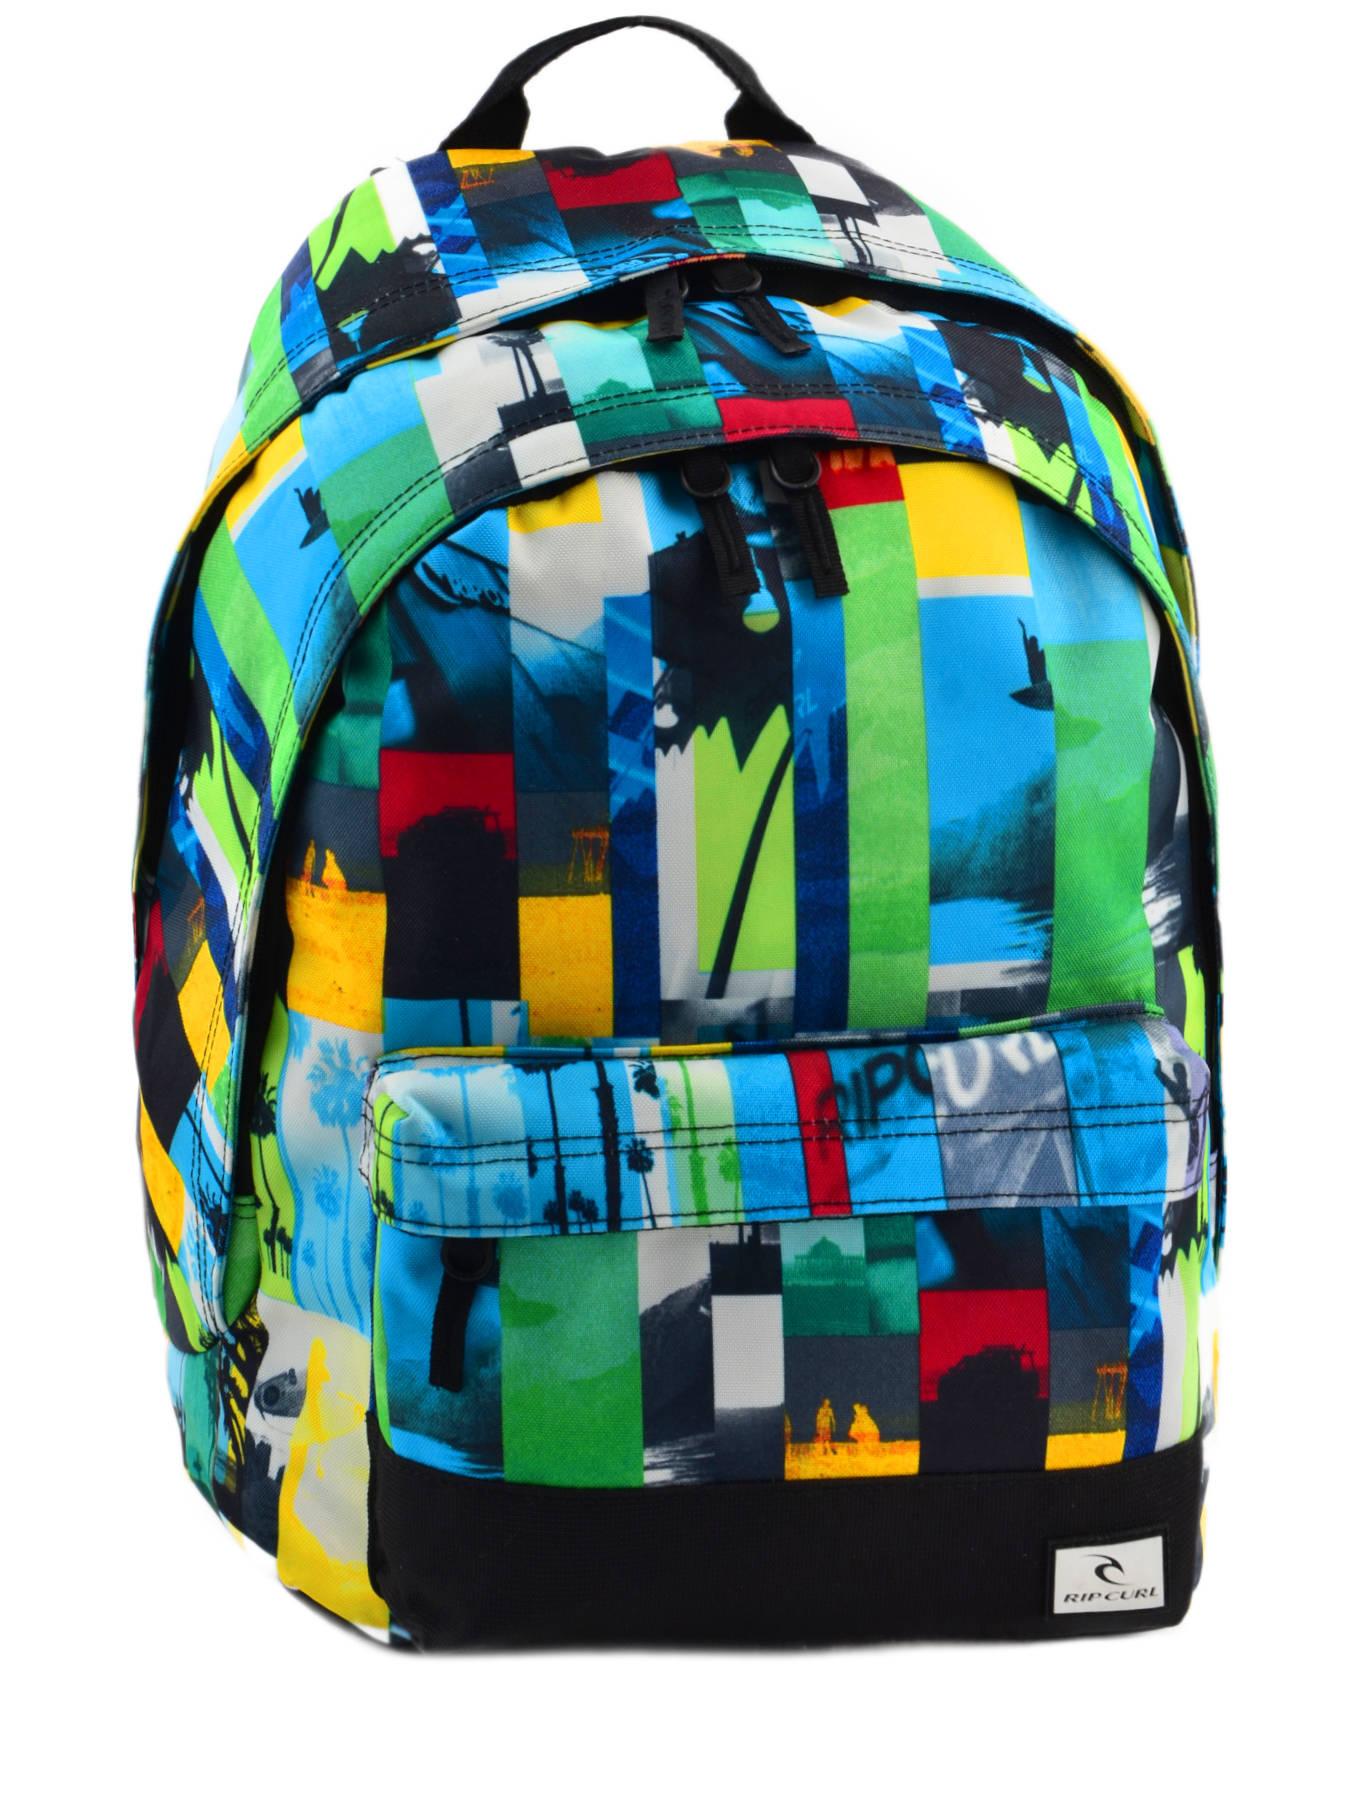 sac dos rip curl photo vibes multicolor i en vente au meilleur prix. Black Bedroom Furniture Sets. Home Design Ideas